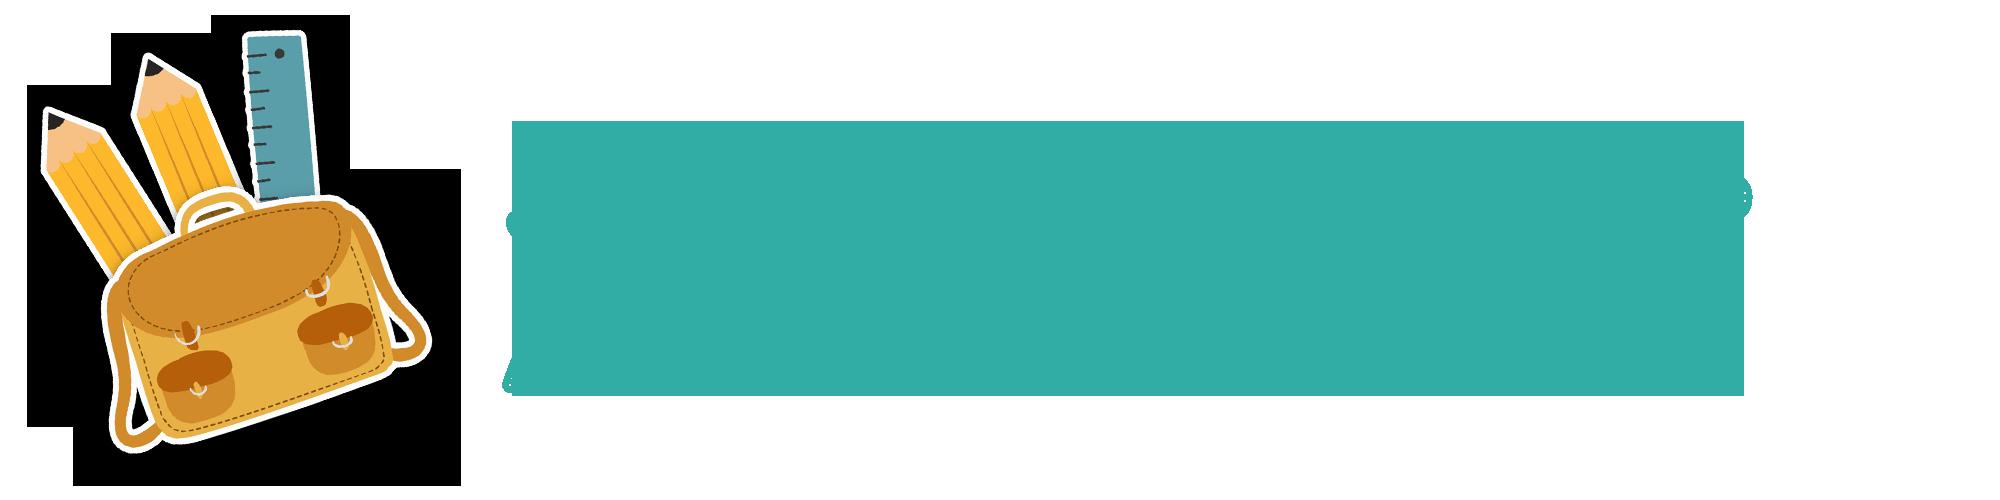 [E] Cho con học trường Quốc tế ở Hà Nội: Học phí 8 tỷ đồng - Ảnh 14